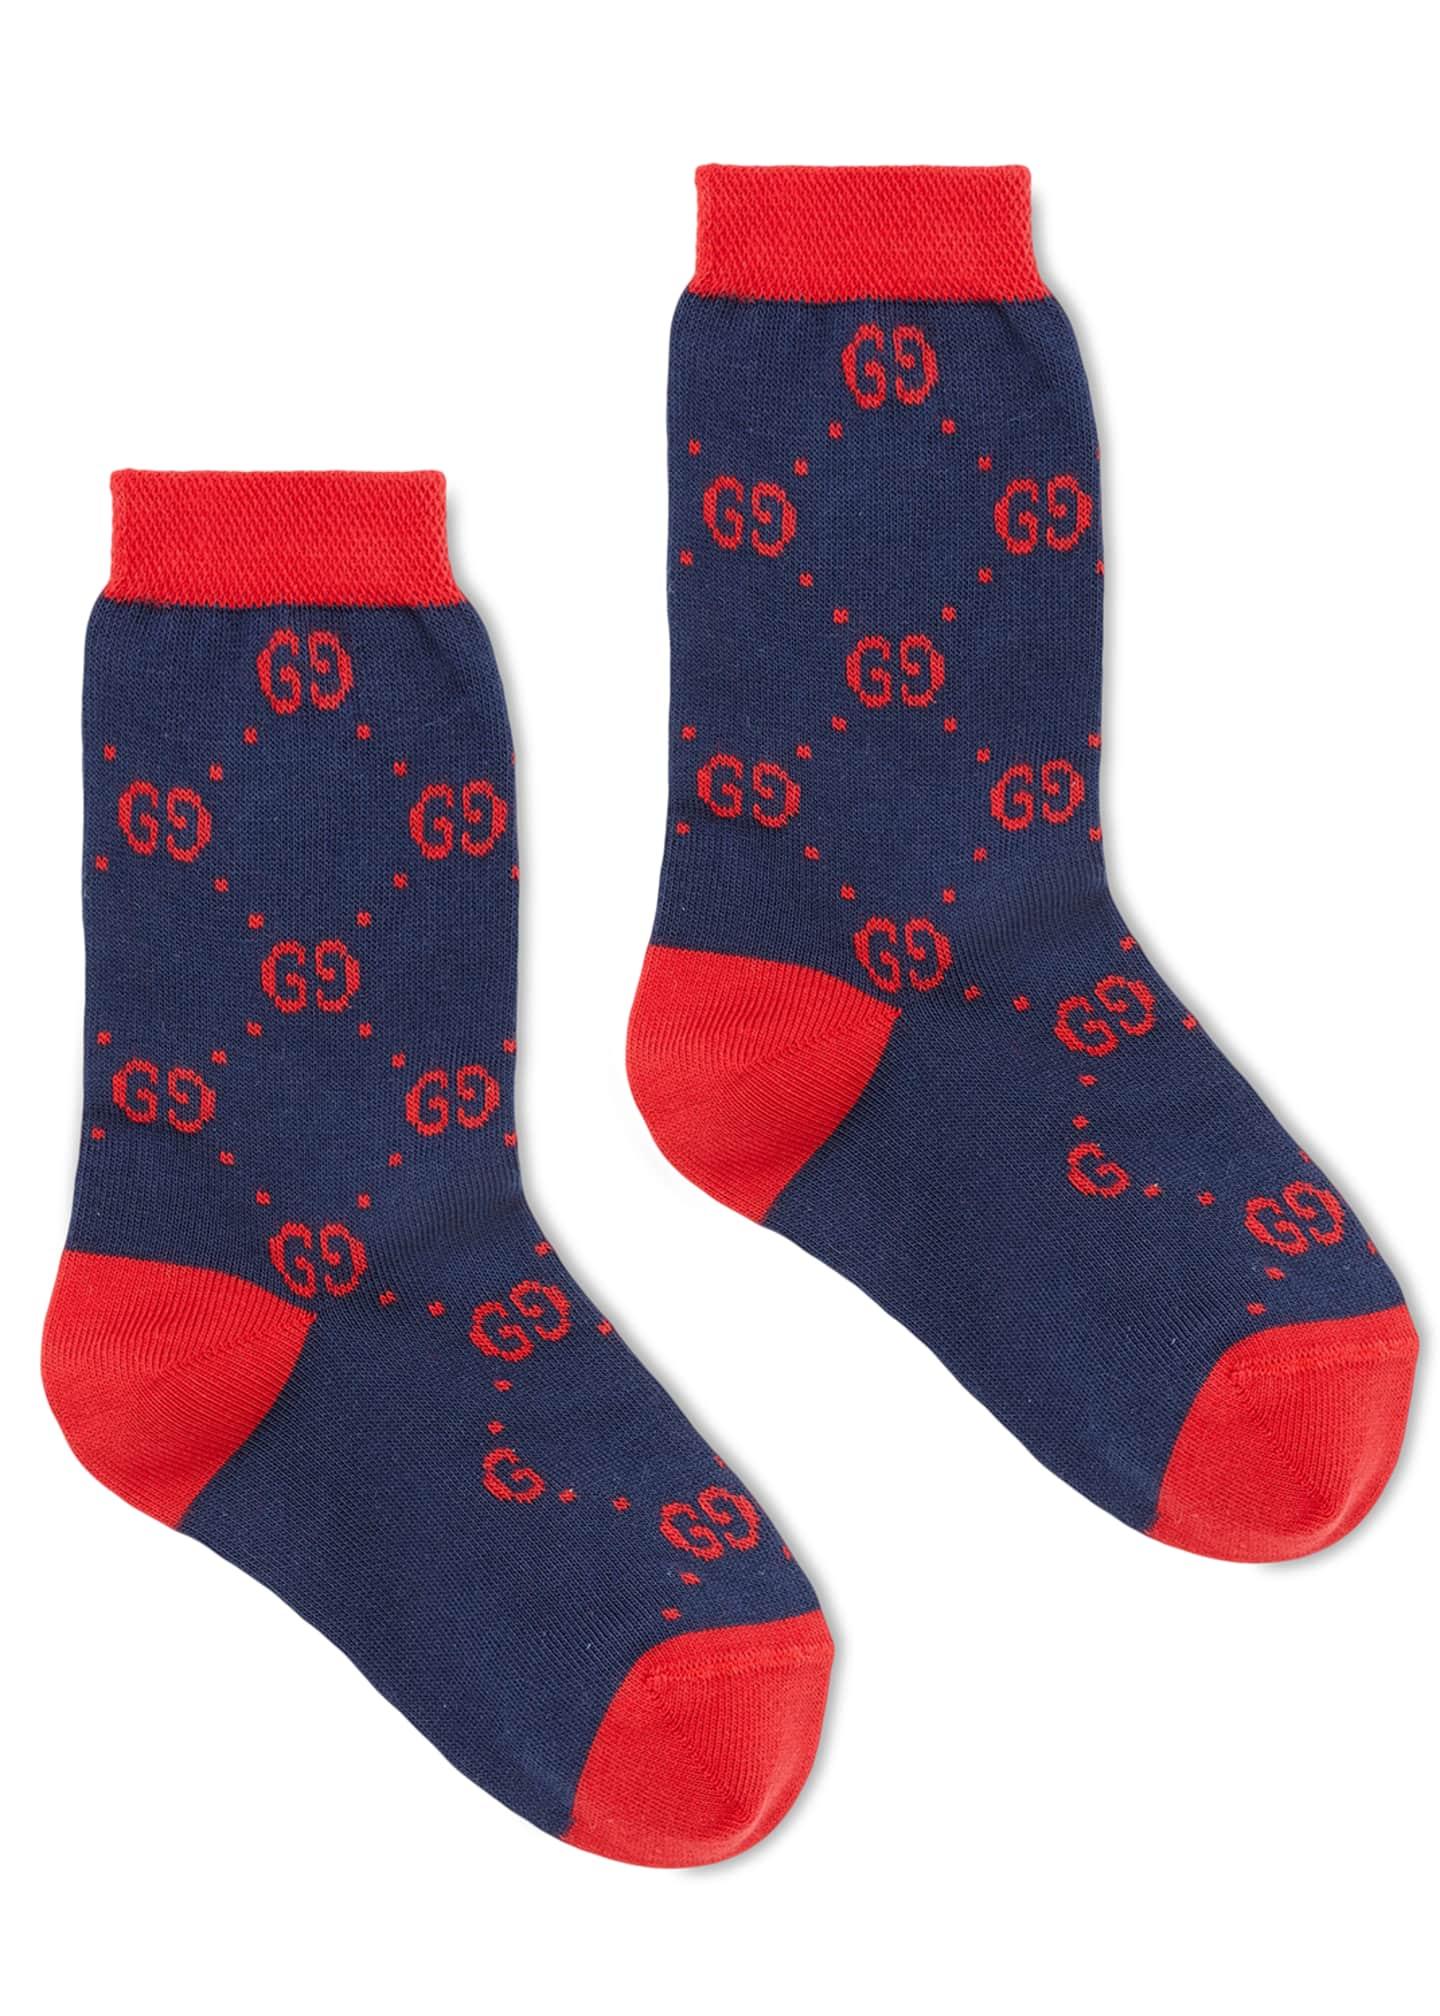 Gucci Kids' Interlocking G Socks